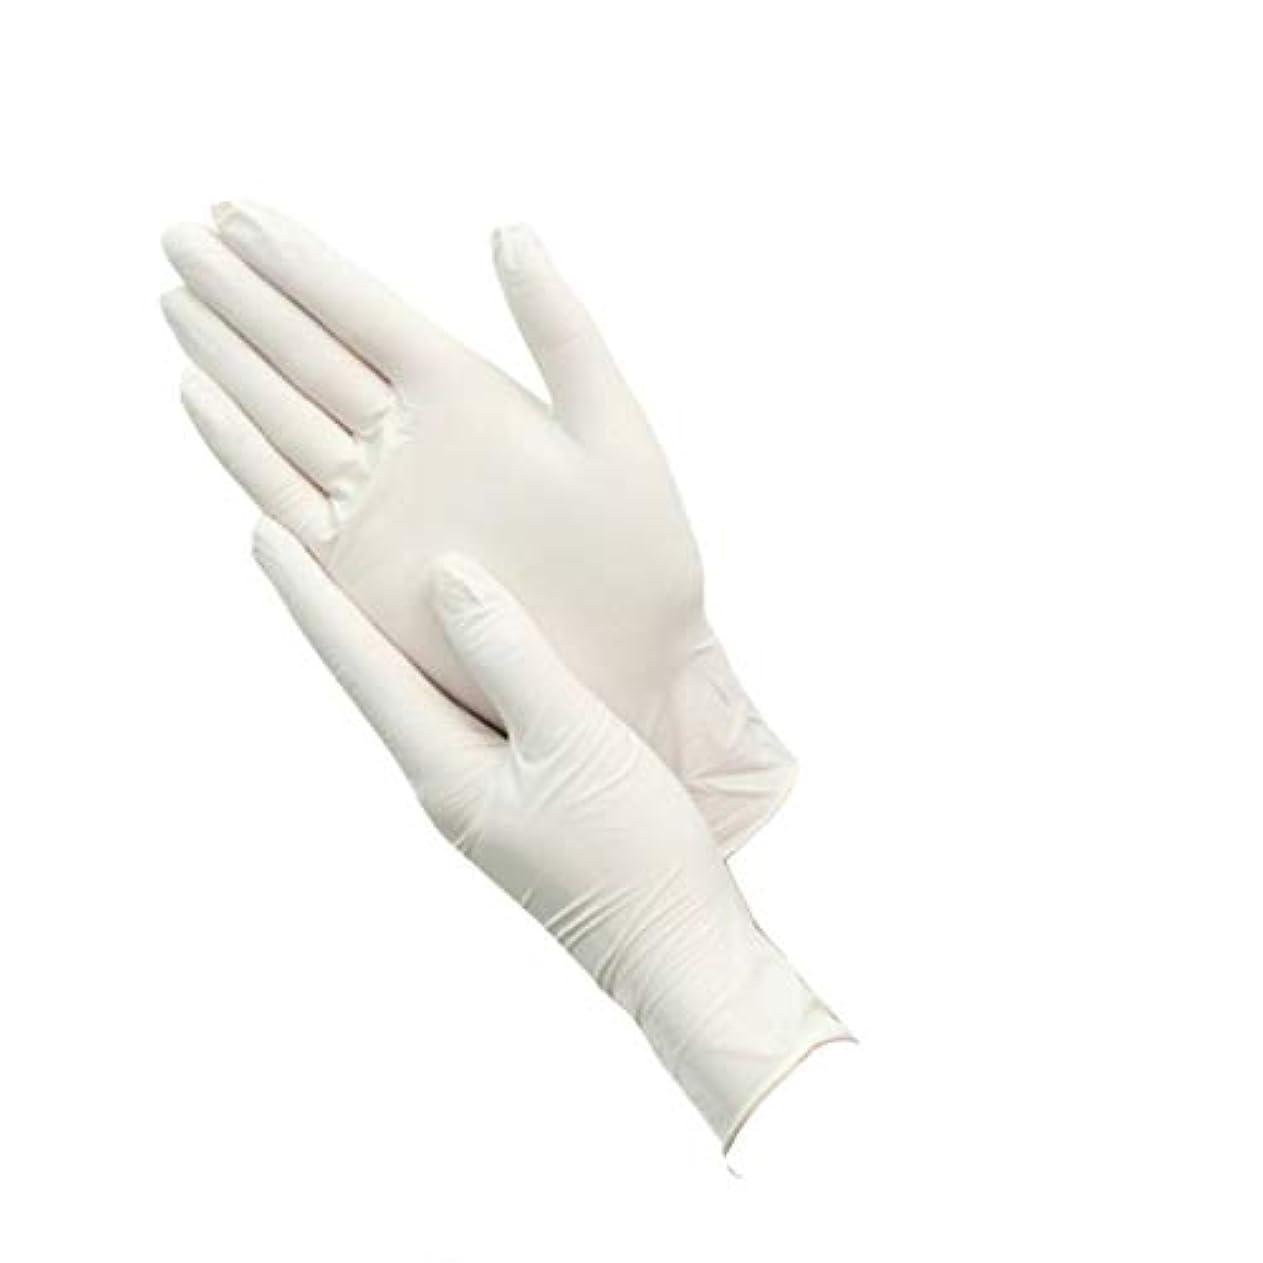 ポップ終点バックグラウンド使い捨て手袋グッド100グラム増量ニトリルブタジエンゴム (サイズ さいず : XL)